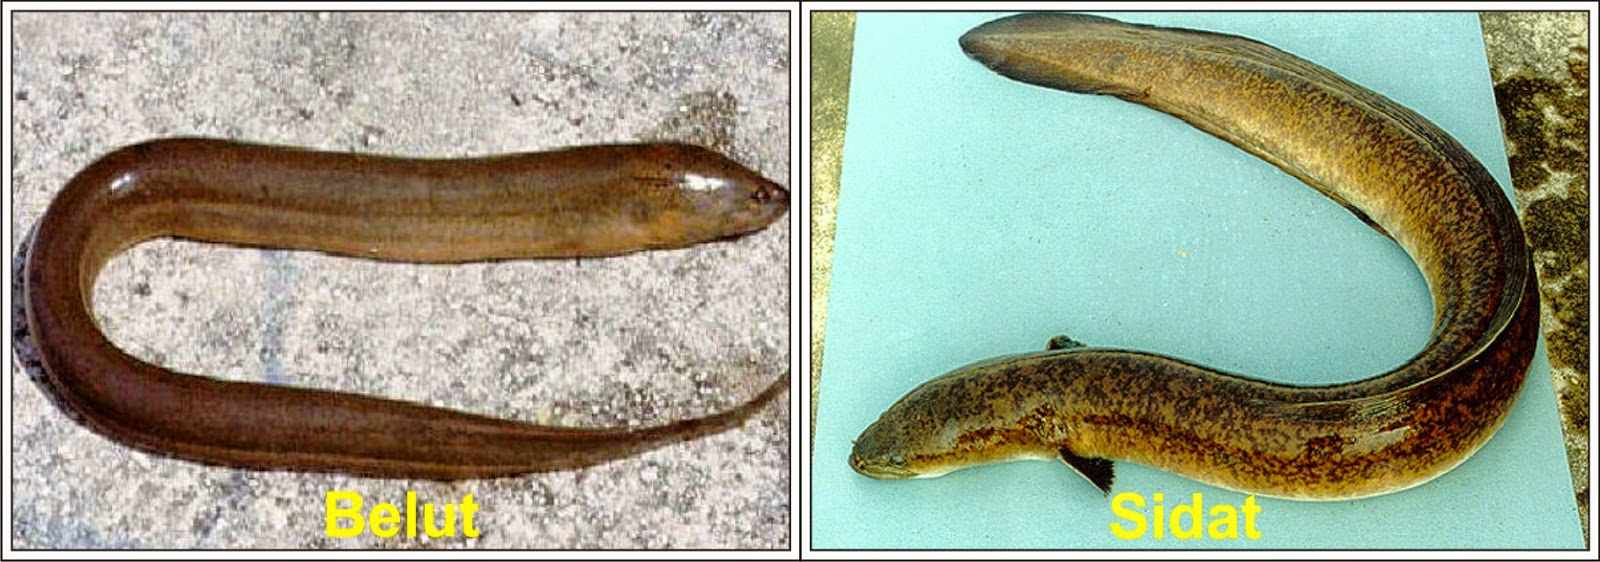 Penangkapan Ikan Dengan Melukai Ikan